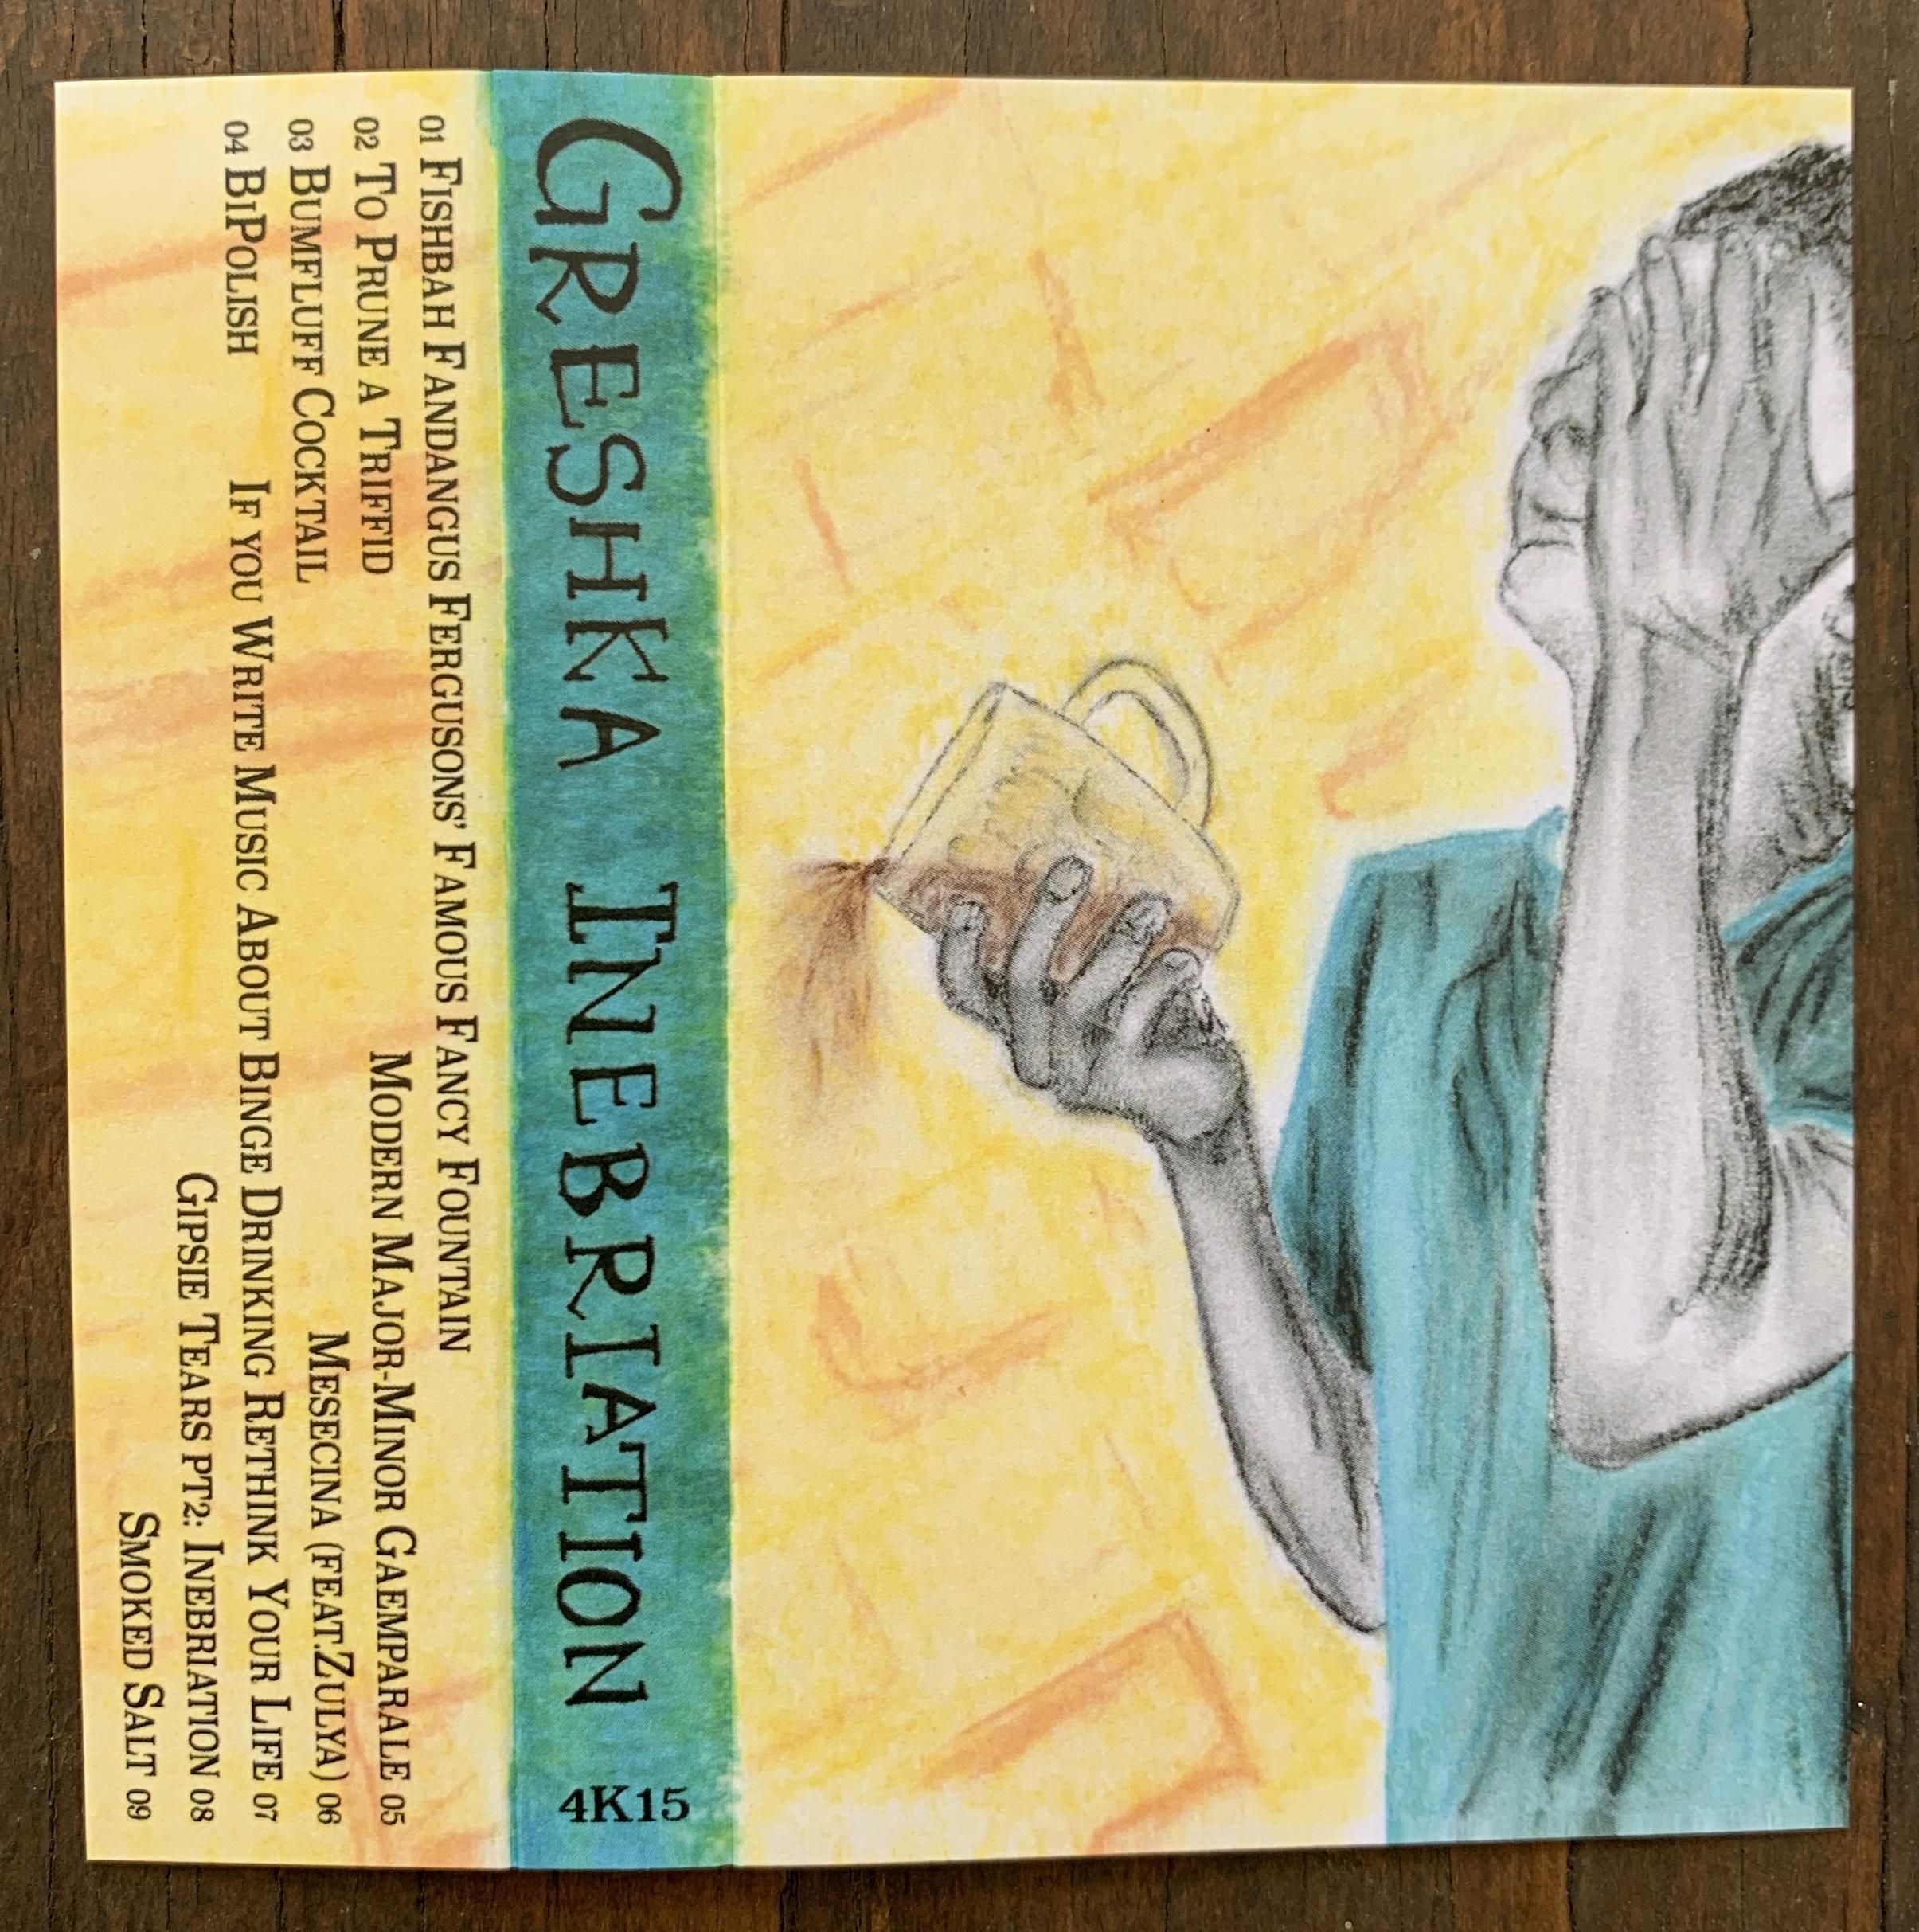 Greshka - 'Inebriation'